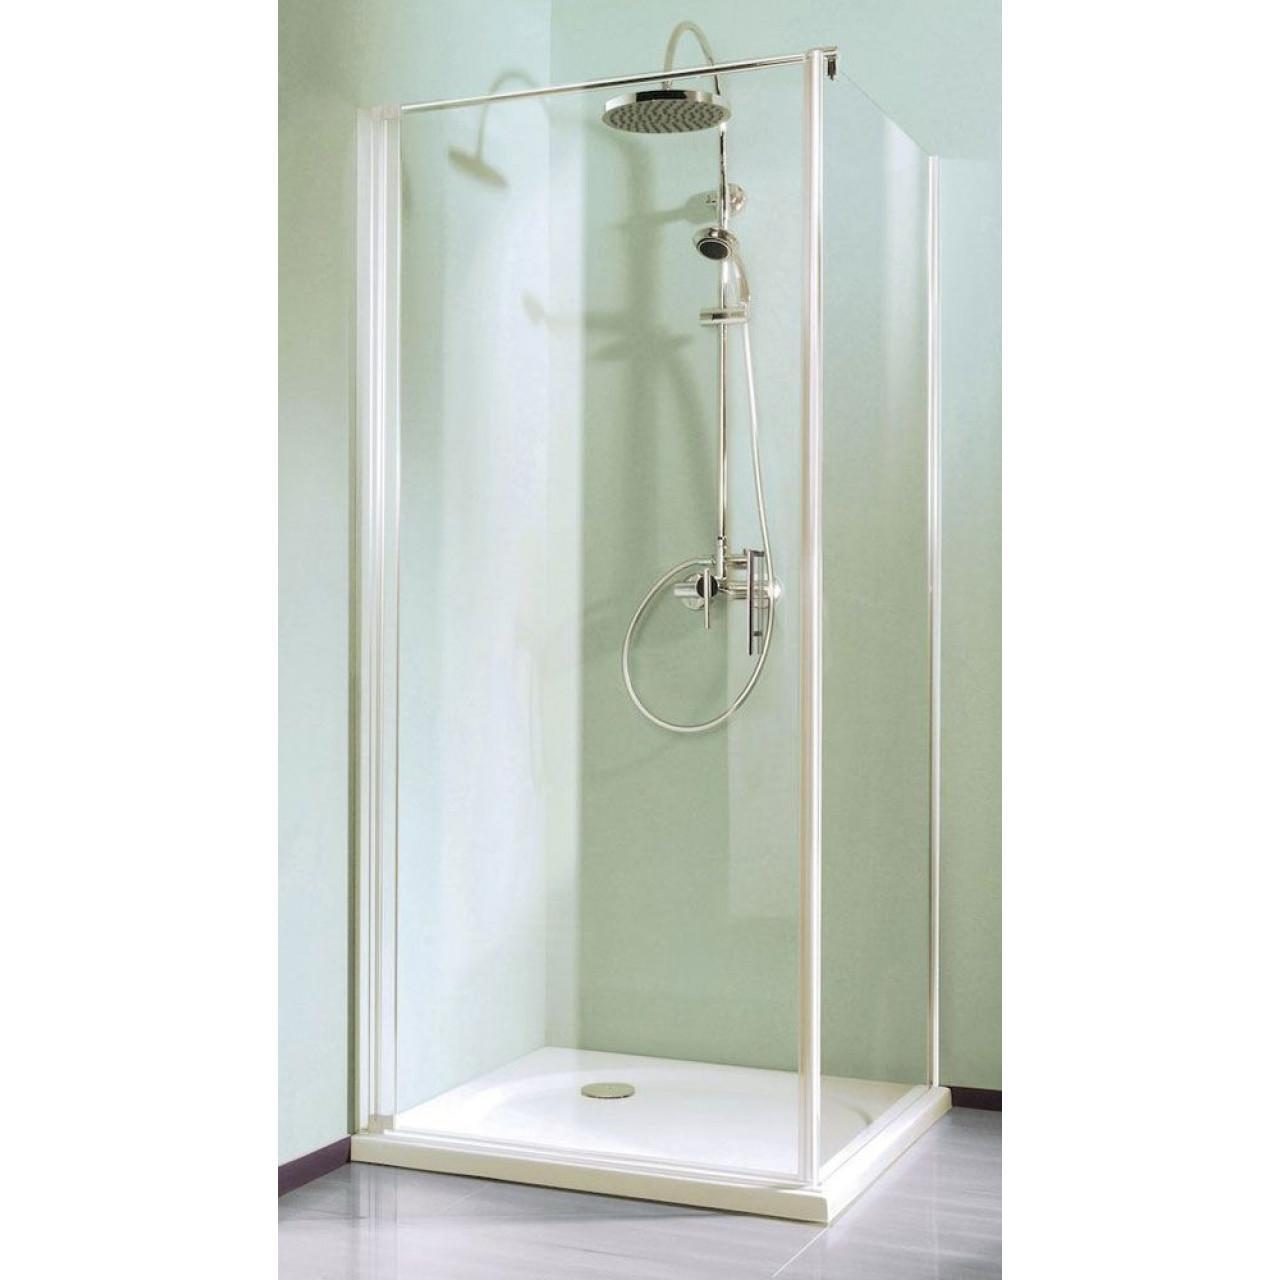 Дверь для душа Duschwelten МК 450 DT 900 5350005001004 купить в Москве по цене от 17100р. в интернет-магазине mebel-v-vannu.ru